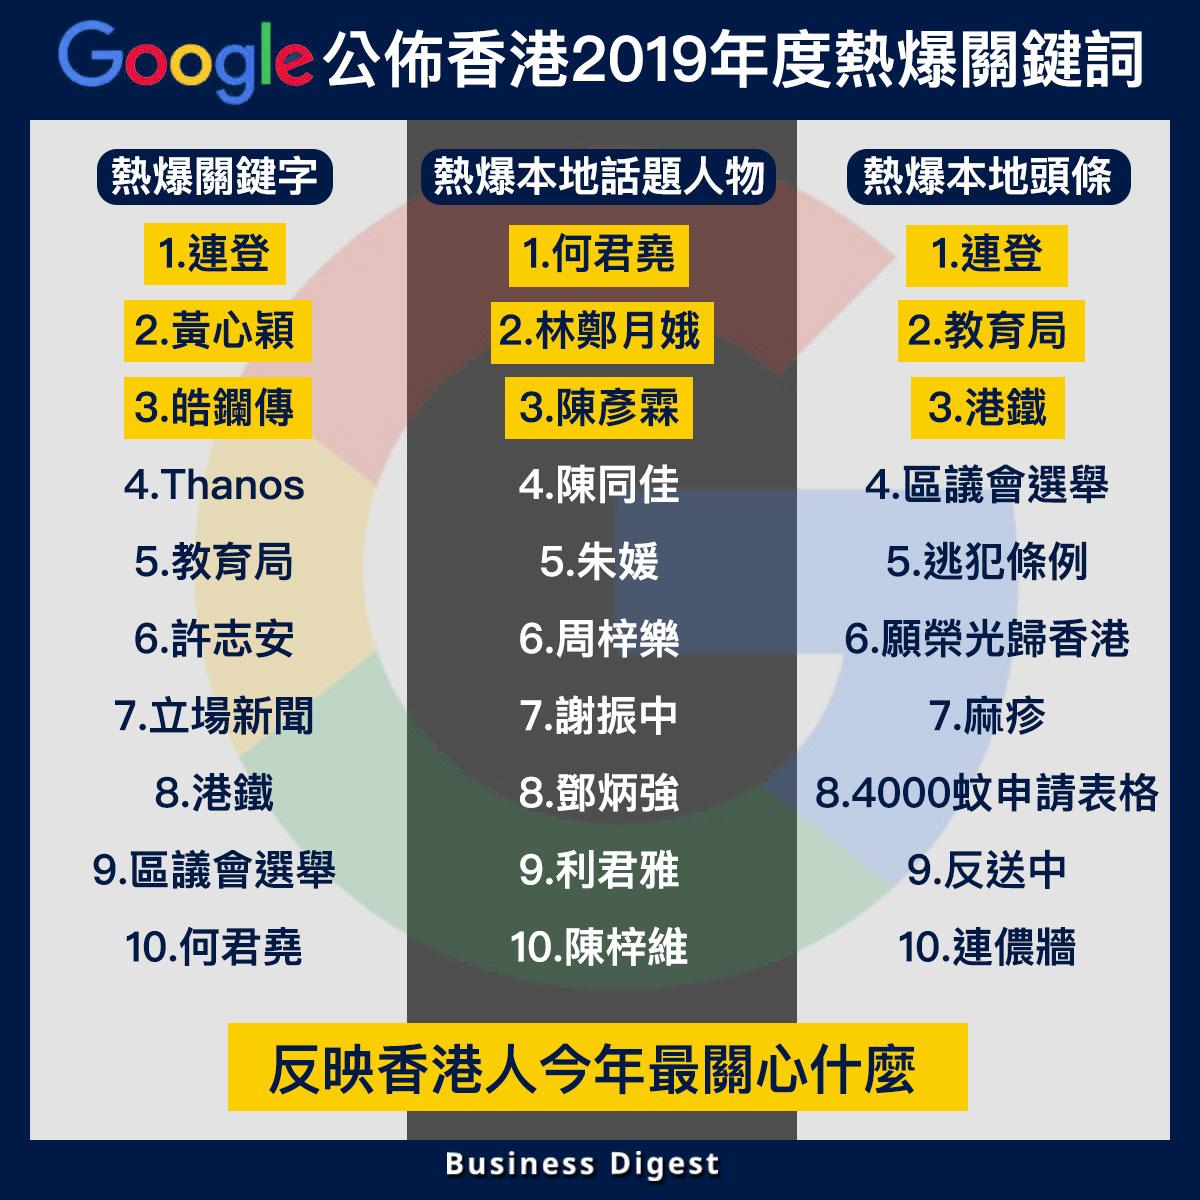 【商業熱話】Google公佈香港2019年度熱爆關鍵詞